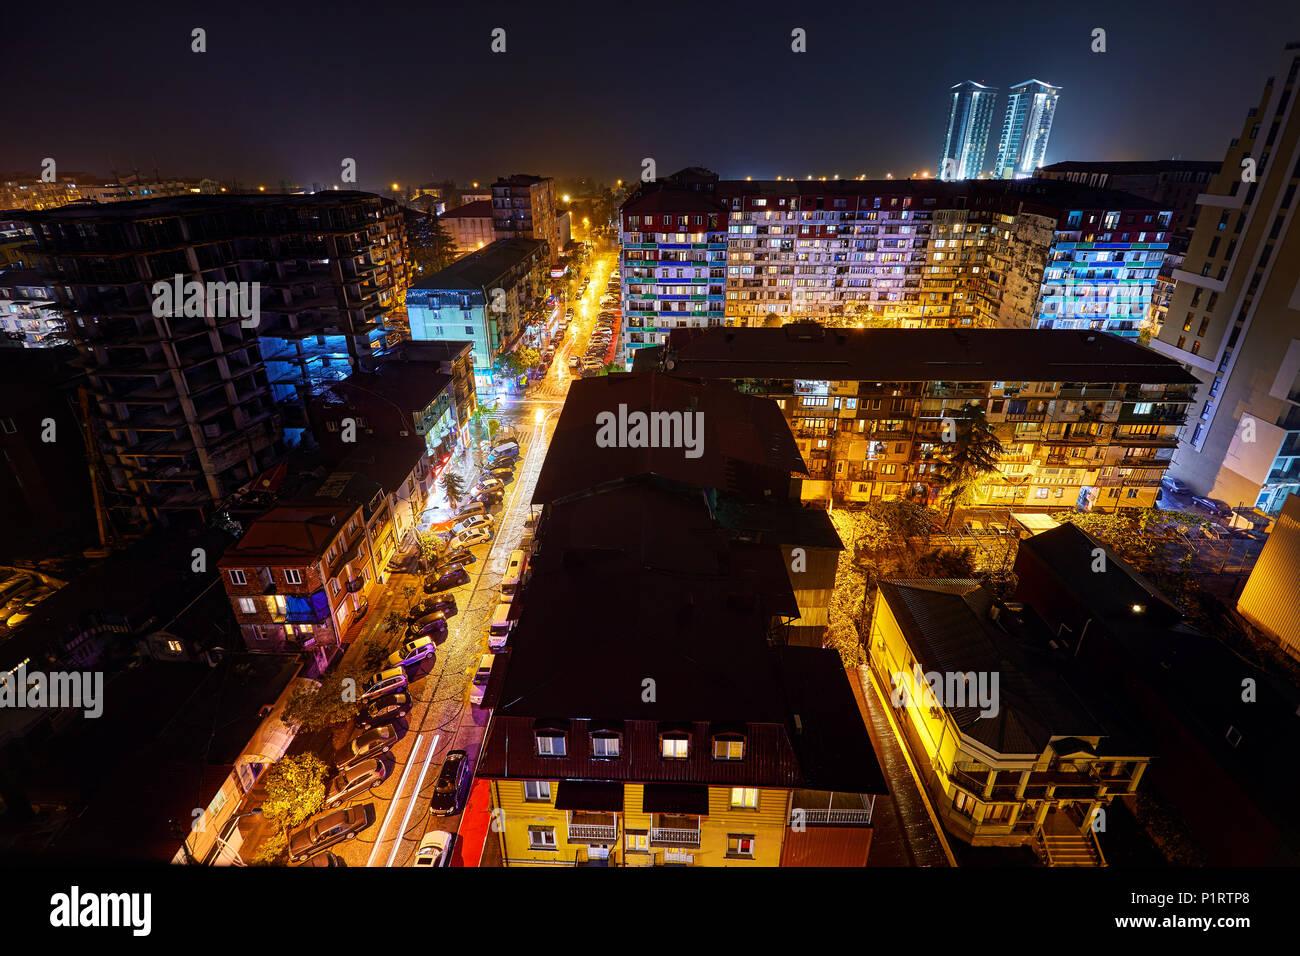 BATUMI, Georgien - OKTOBER 3, 2017: Nacht Straßen der Stadt mit Beleuchtung. Blick vom Dach des Hochhauses. Stockbild